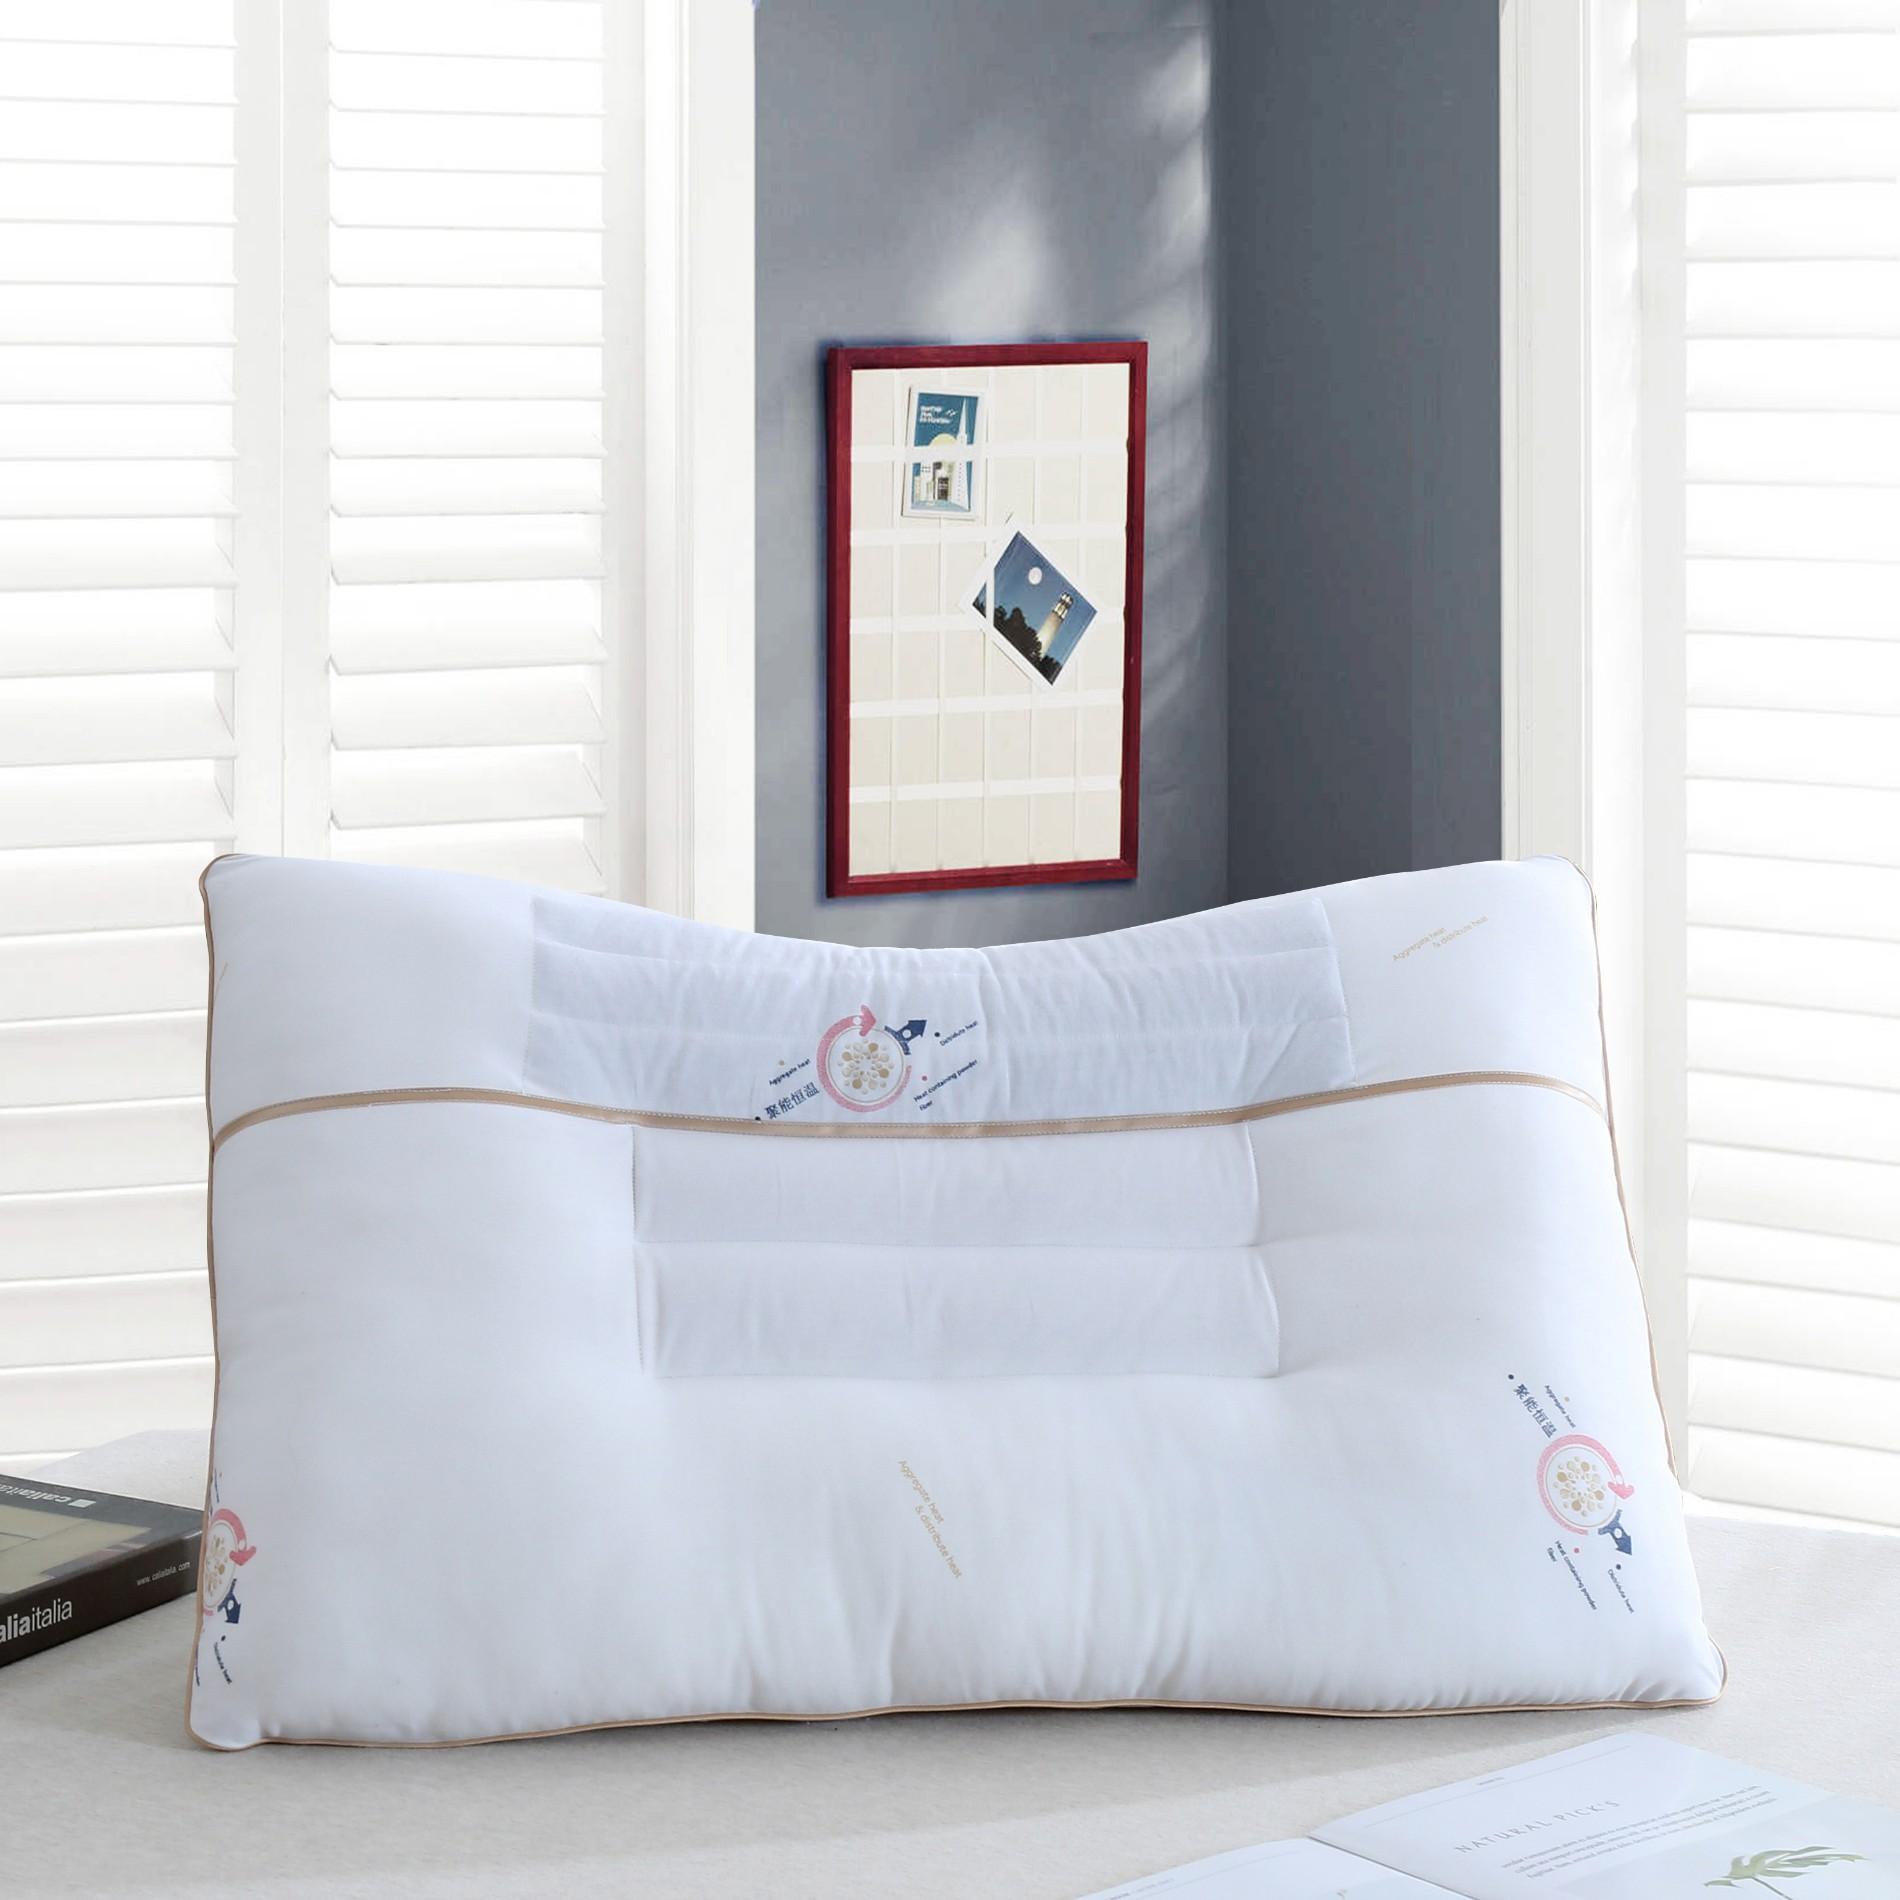 Antibacterial Pillow